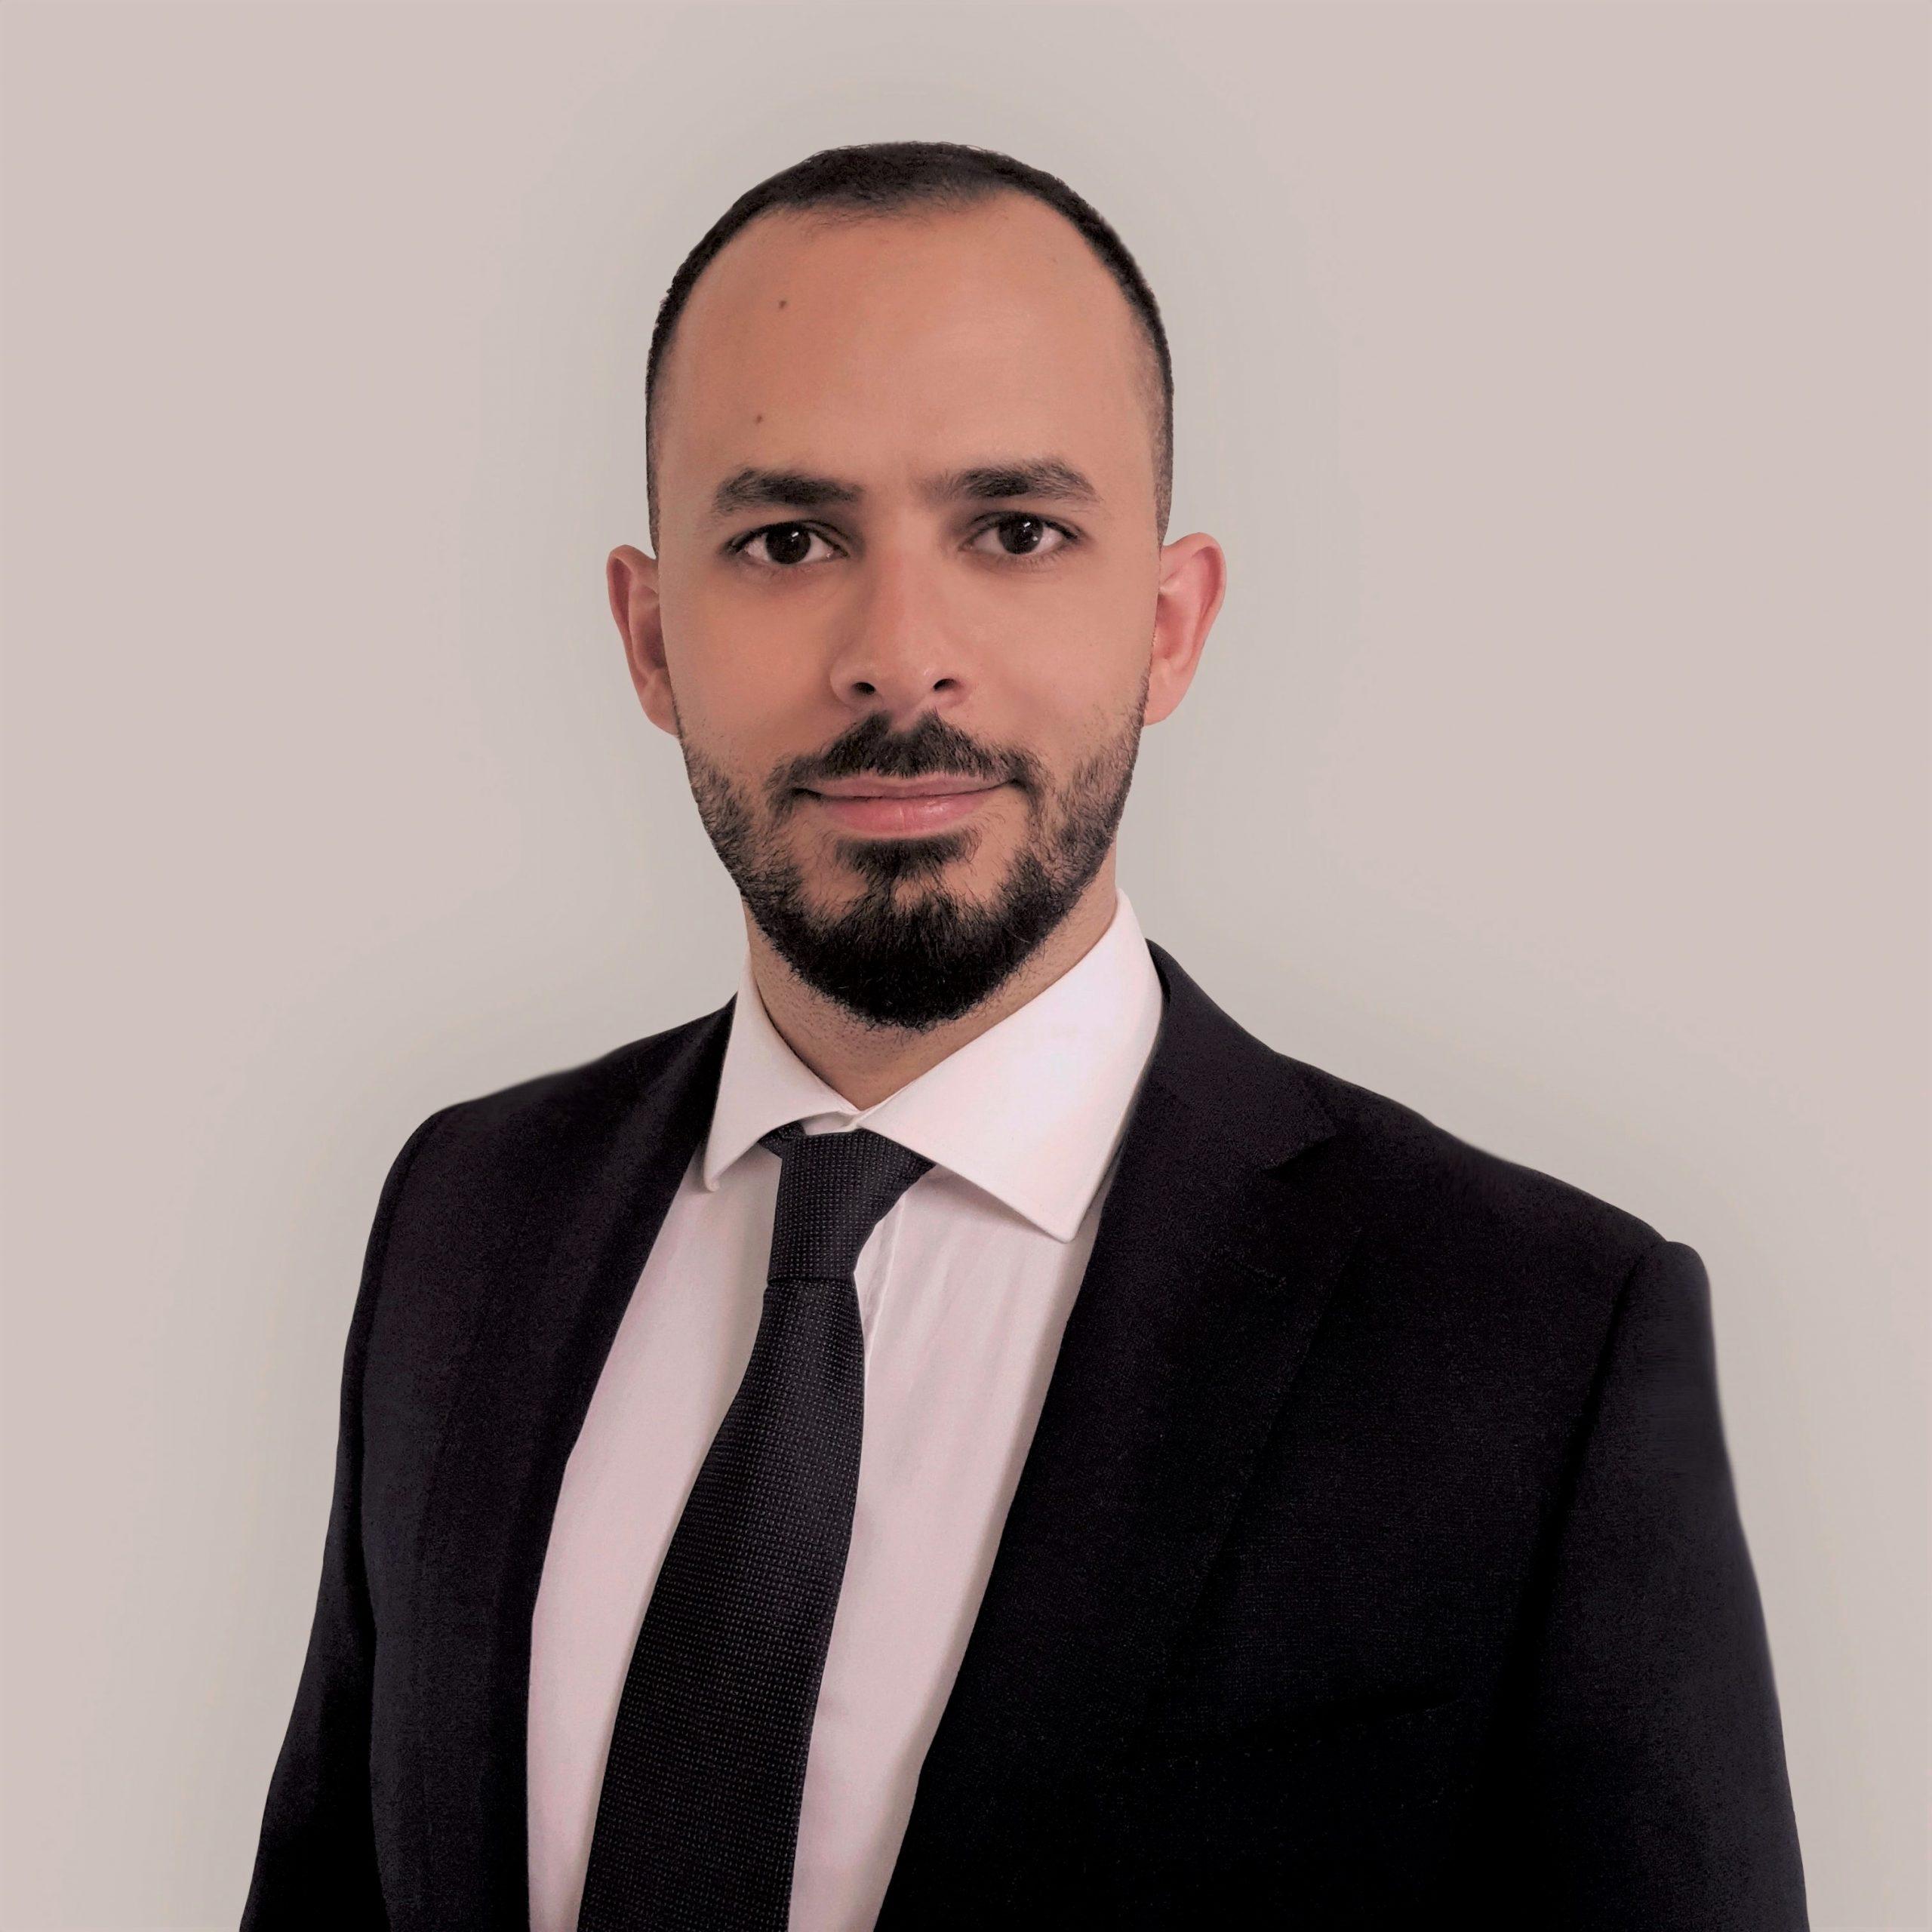 Anas Iqtait